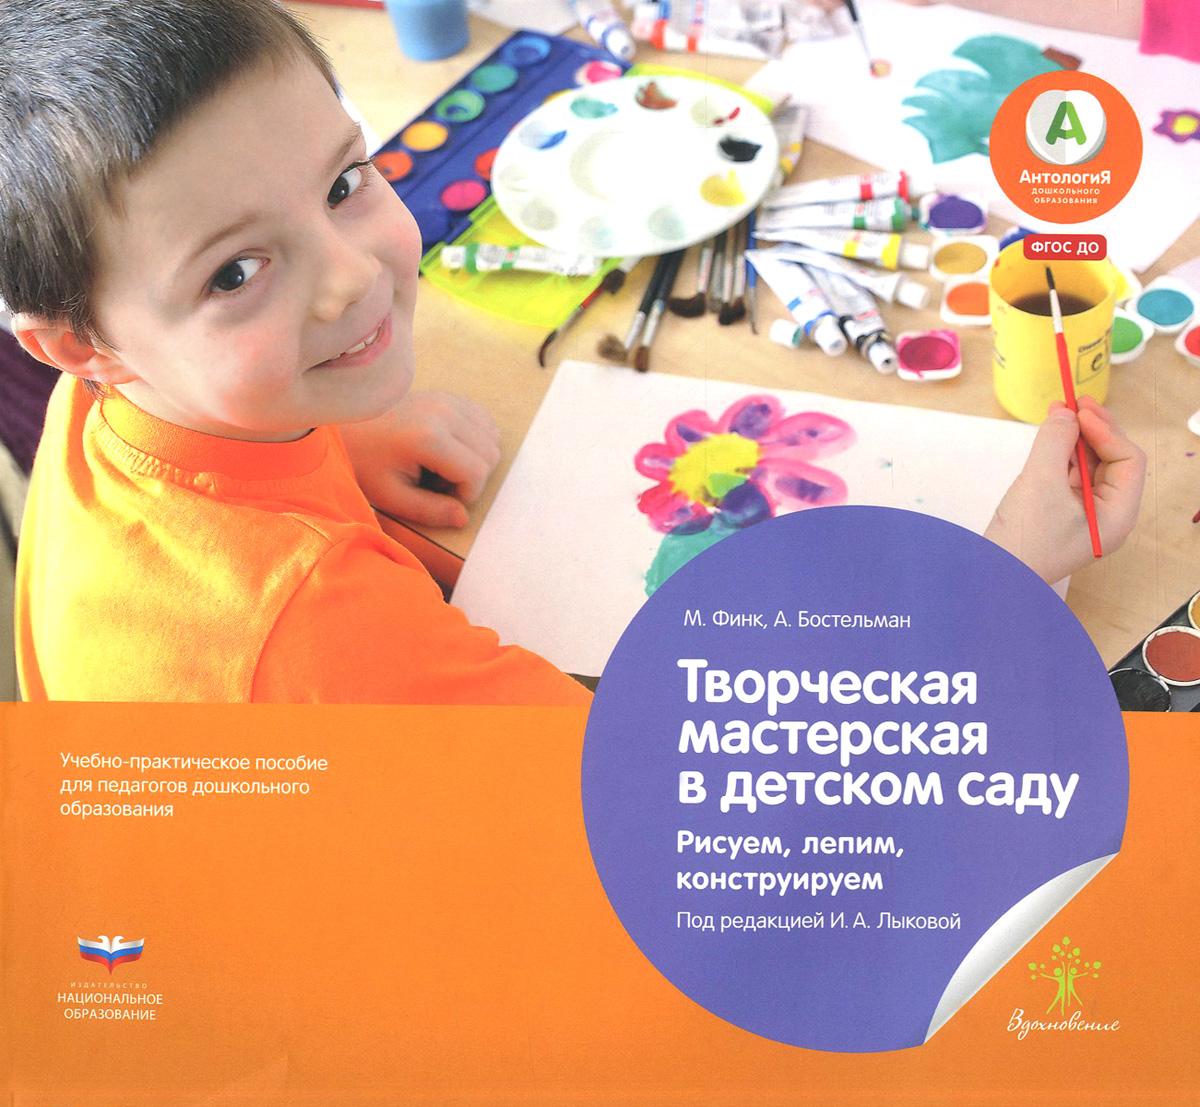 М. Финк, А. Бостельман Творческая мастерская в детском саду. Рисуем, лепим, конструируем